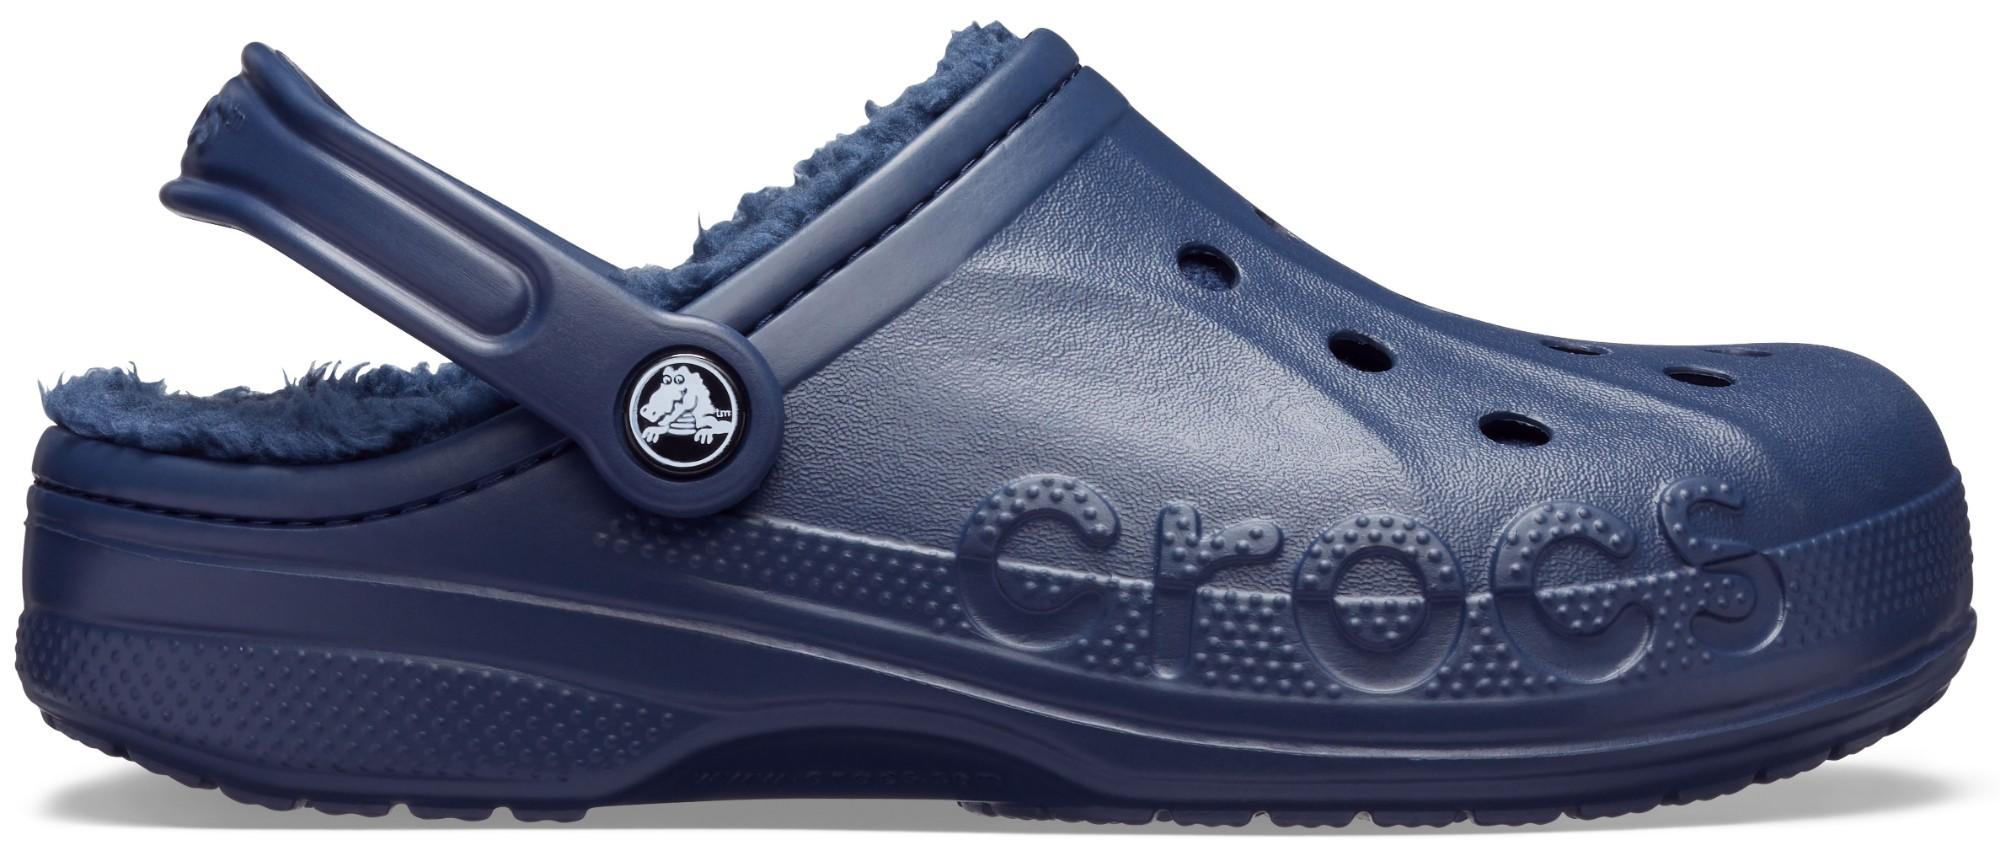 Crocs™ Baya Lined Clog Navy/Navy 39,5